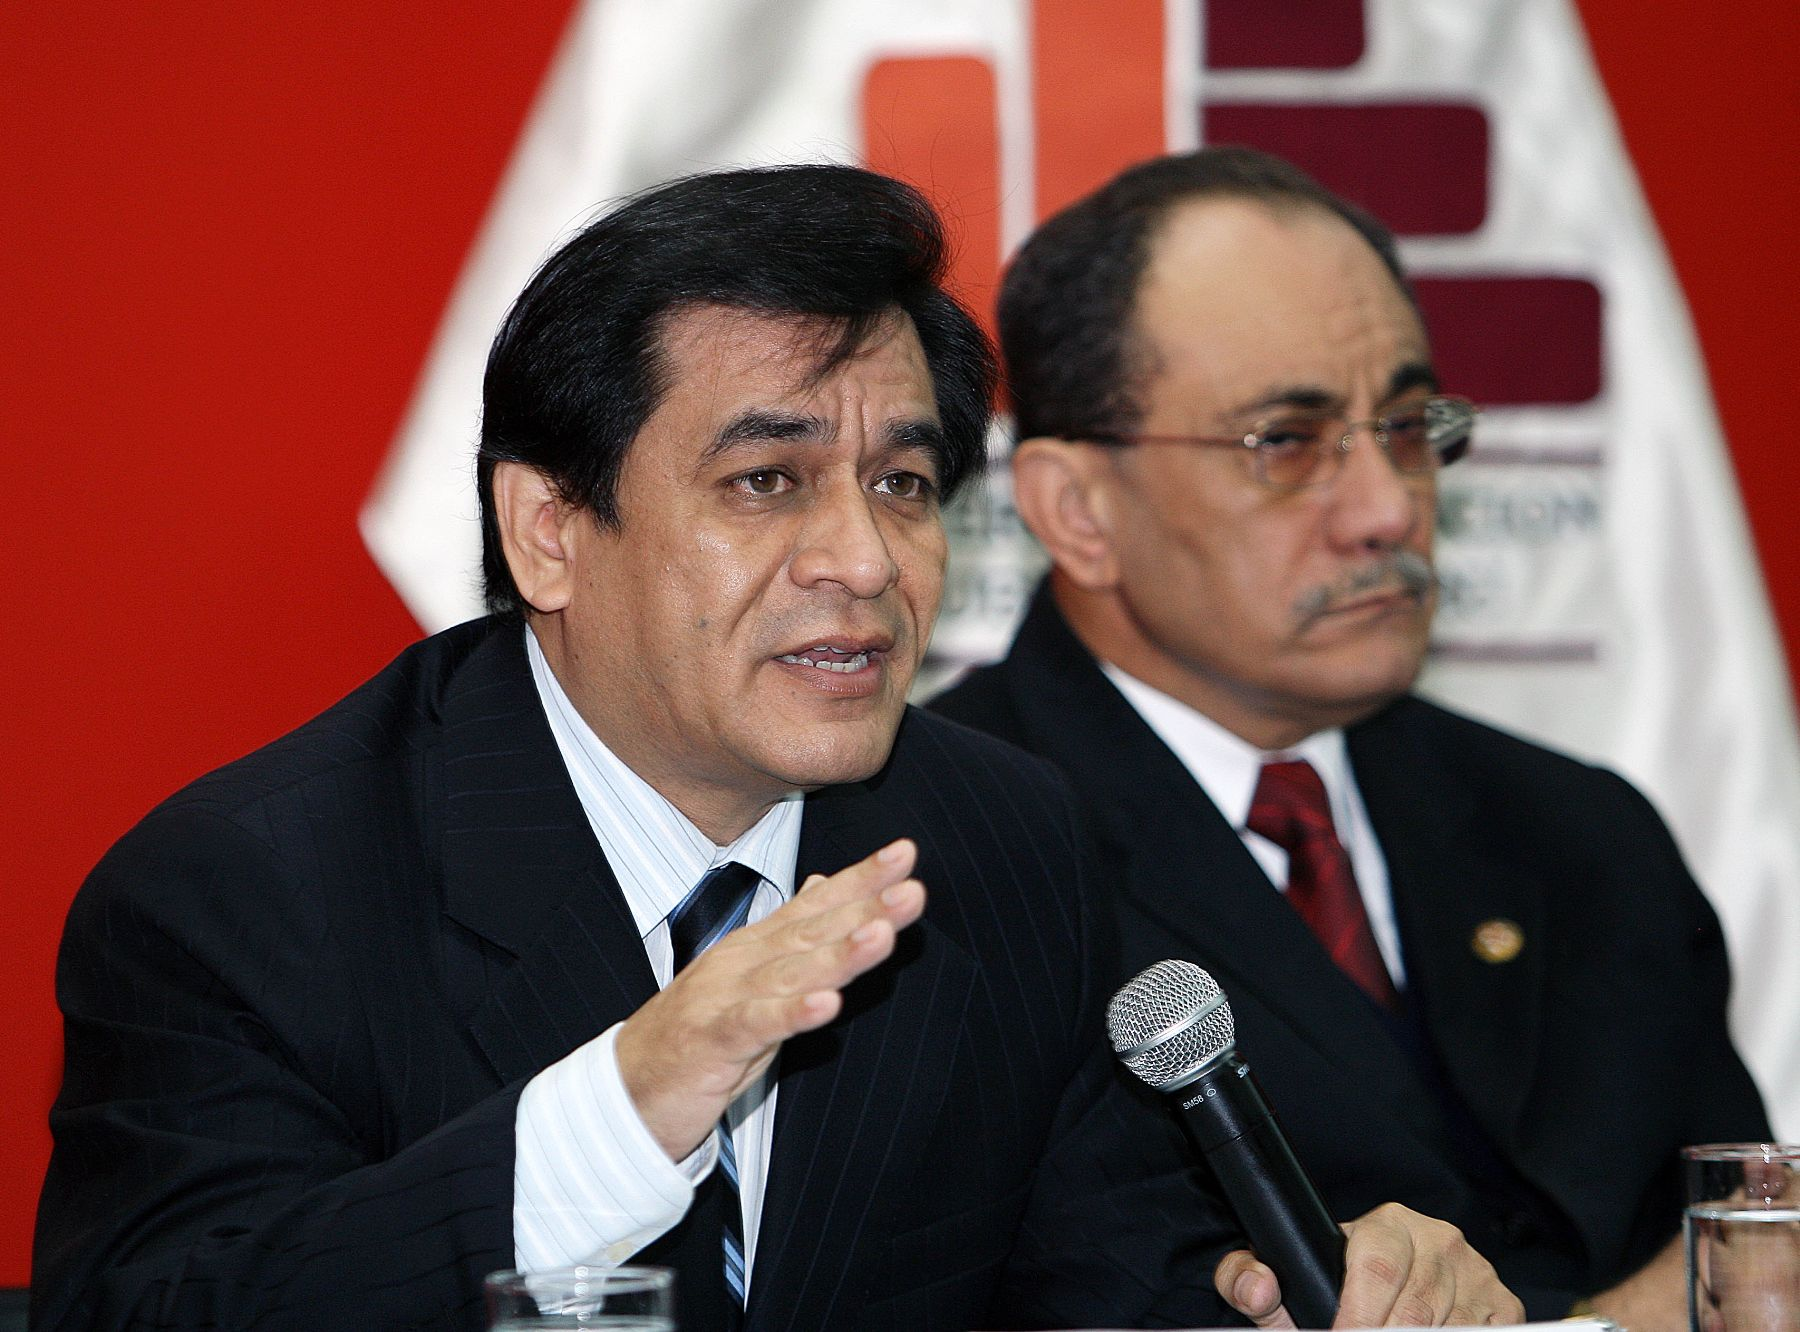 Conferencia de prensa del ministro de Educación, José Antonio Chang. Foto: ANDINA/Norman Córdova.